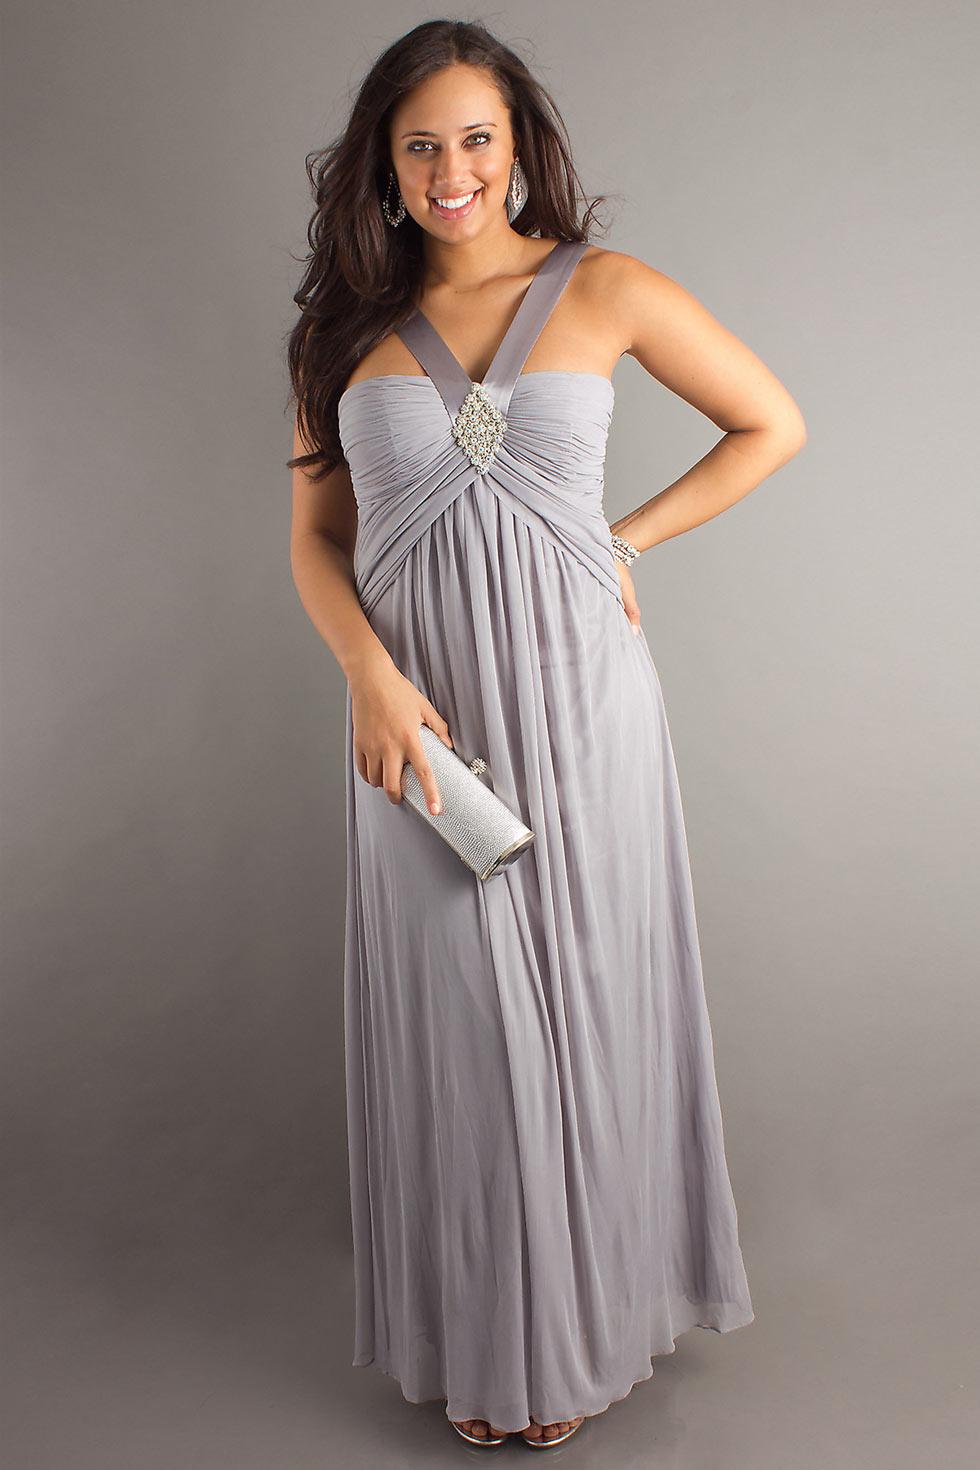 robe de soirée grande taille grise ruchée empire décolleté V